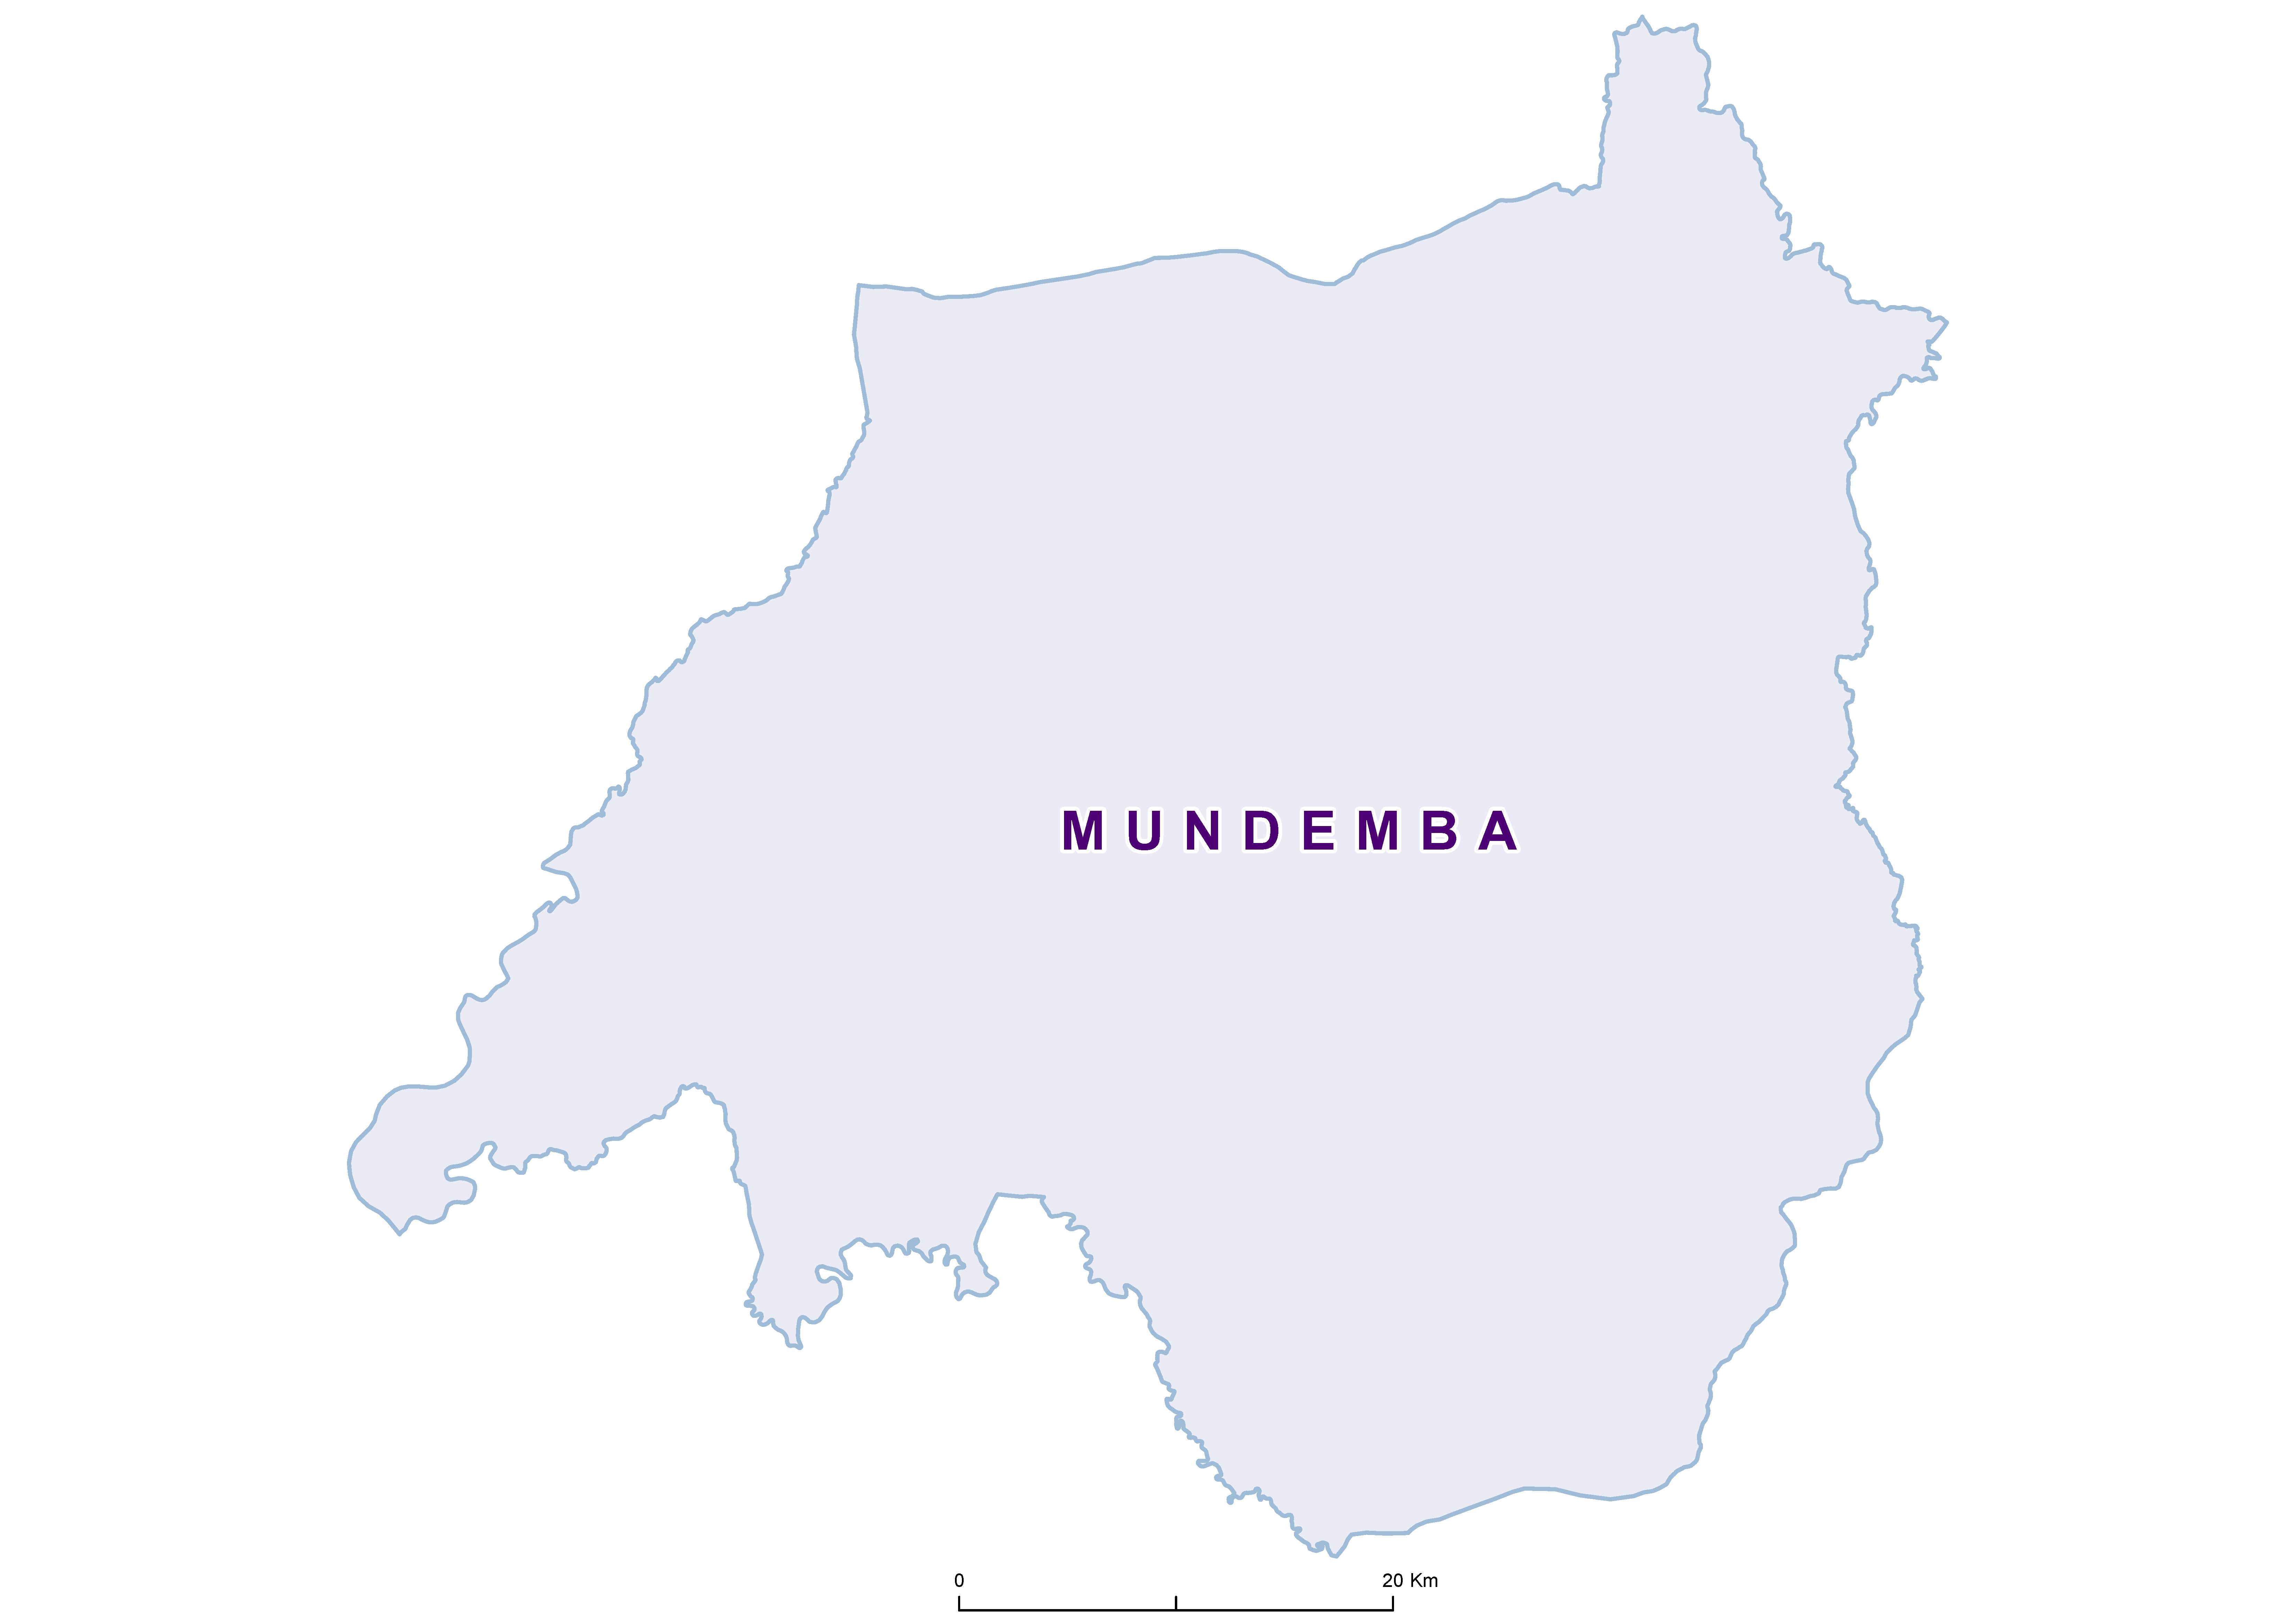 Mundemba Mean SCH 19850001